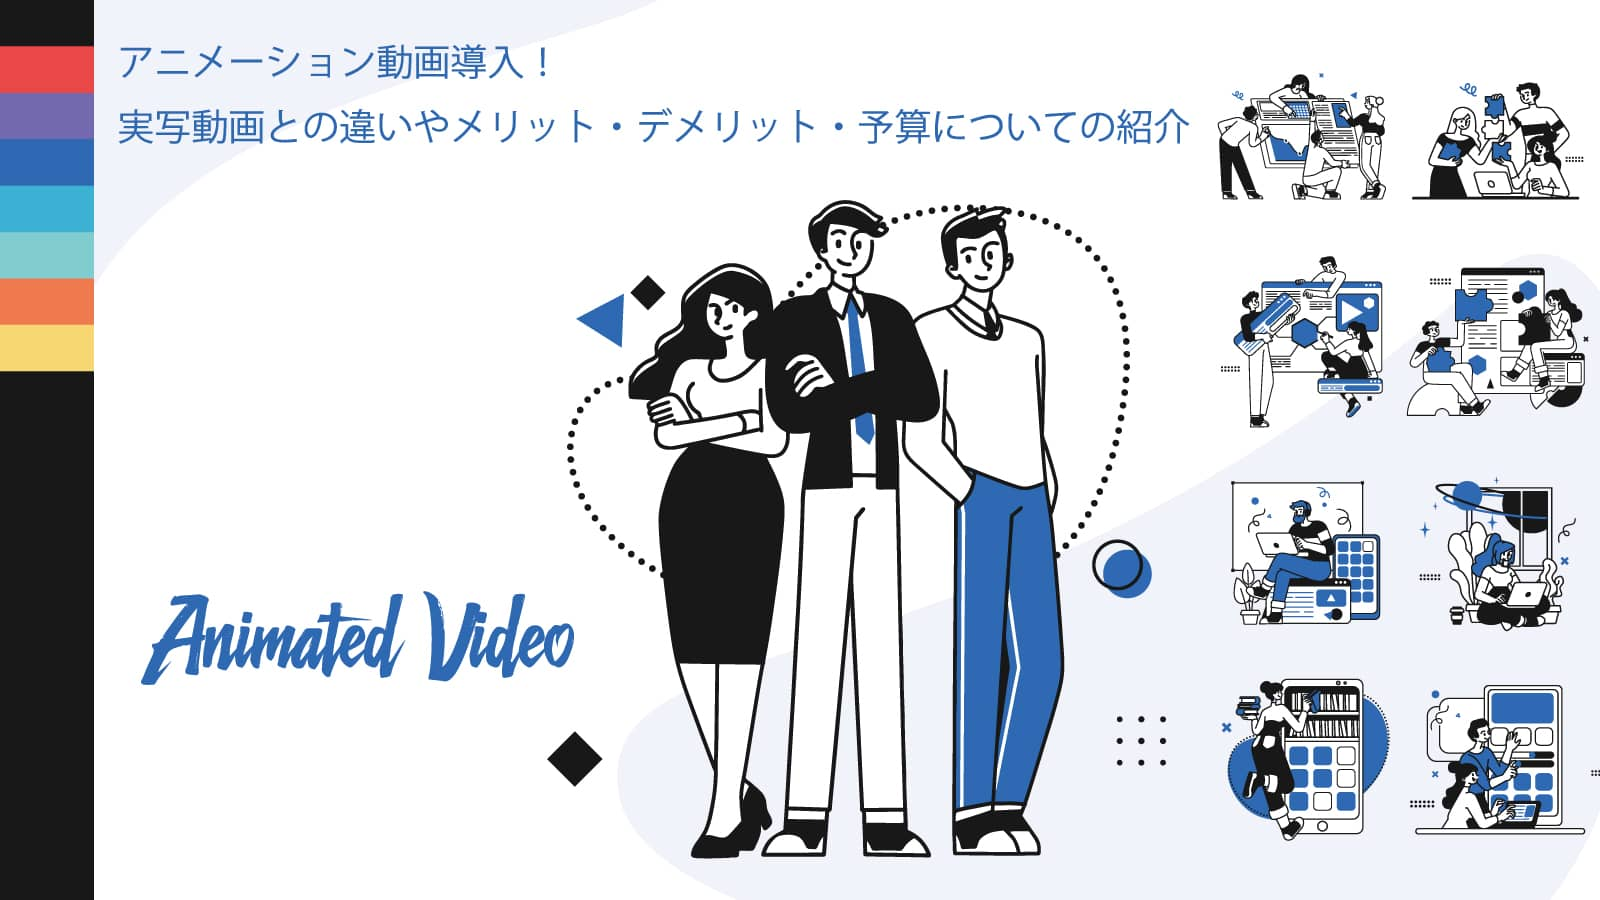 アニメーション動画を導入する!実写動画との違いやメリット・デメリット・予算についての紹介